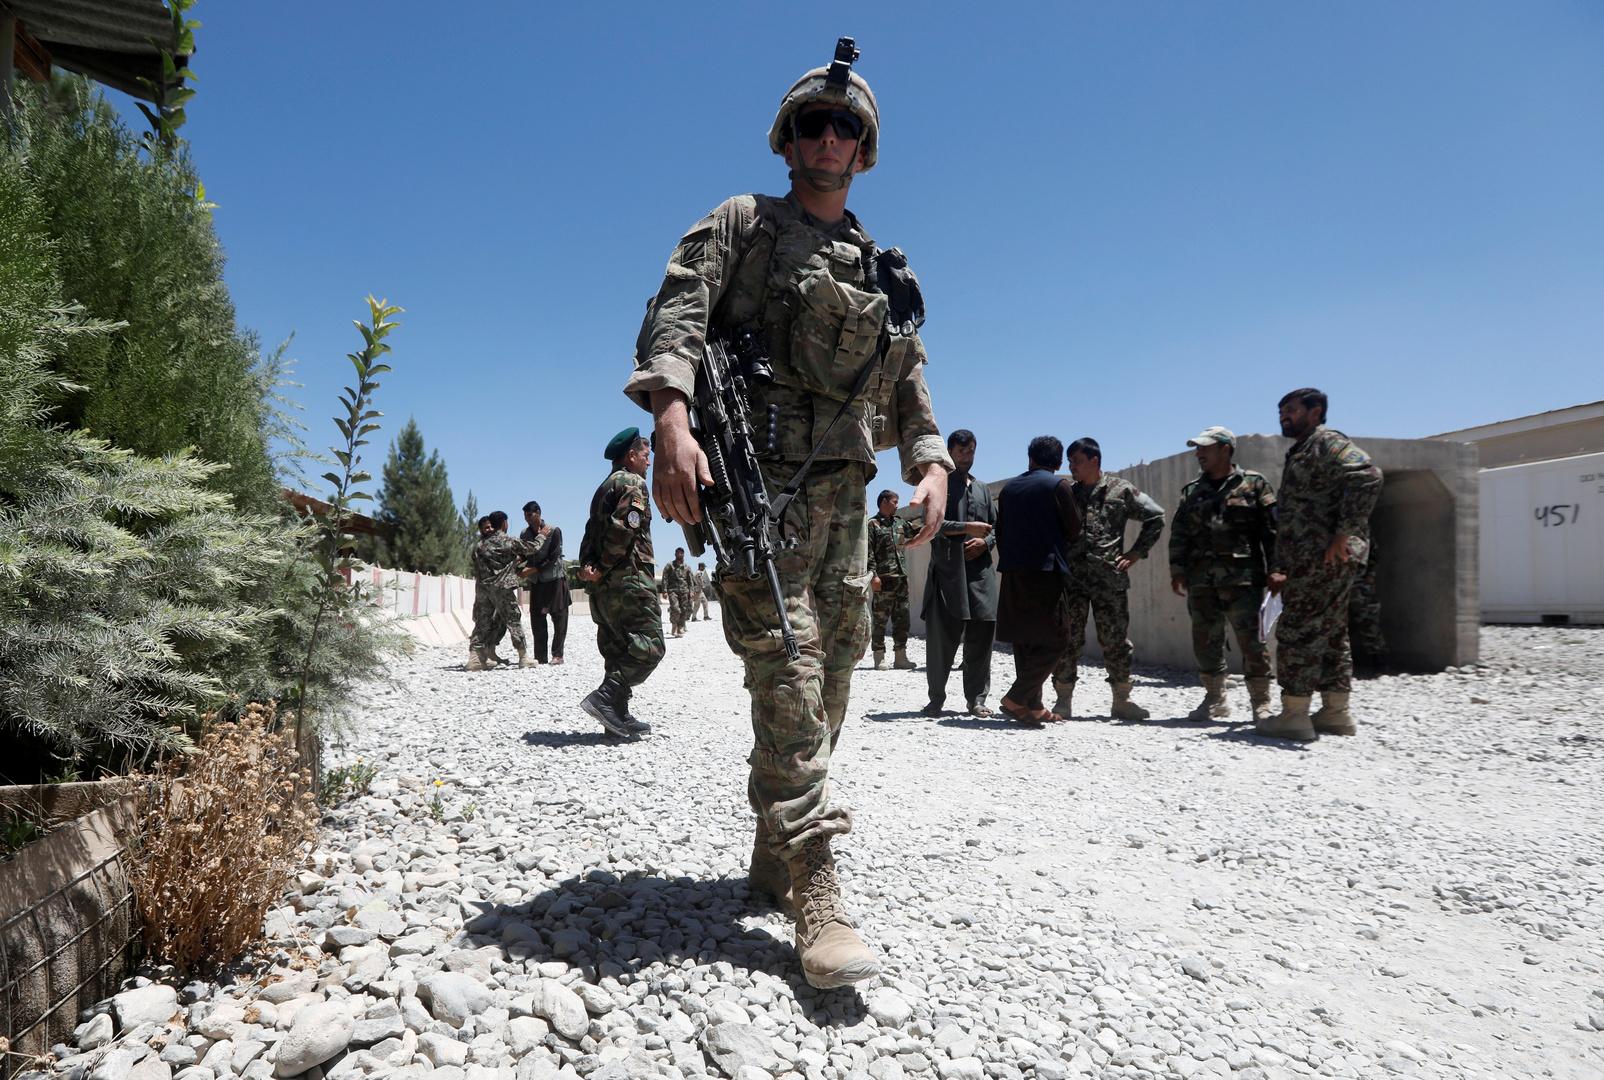 القوات الأمريكية والفلبينية تقلص عدد المشاركين في تدريباتها للوقاية من كورونا